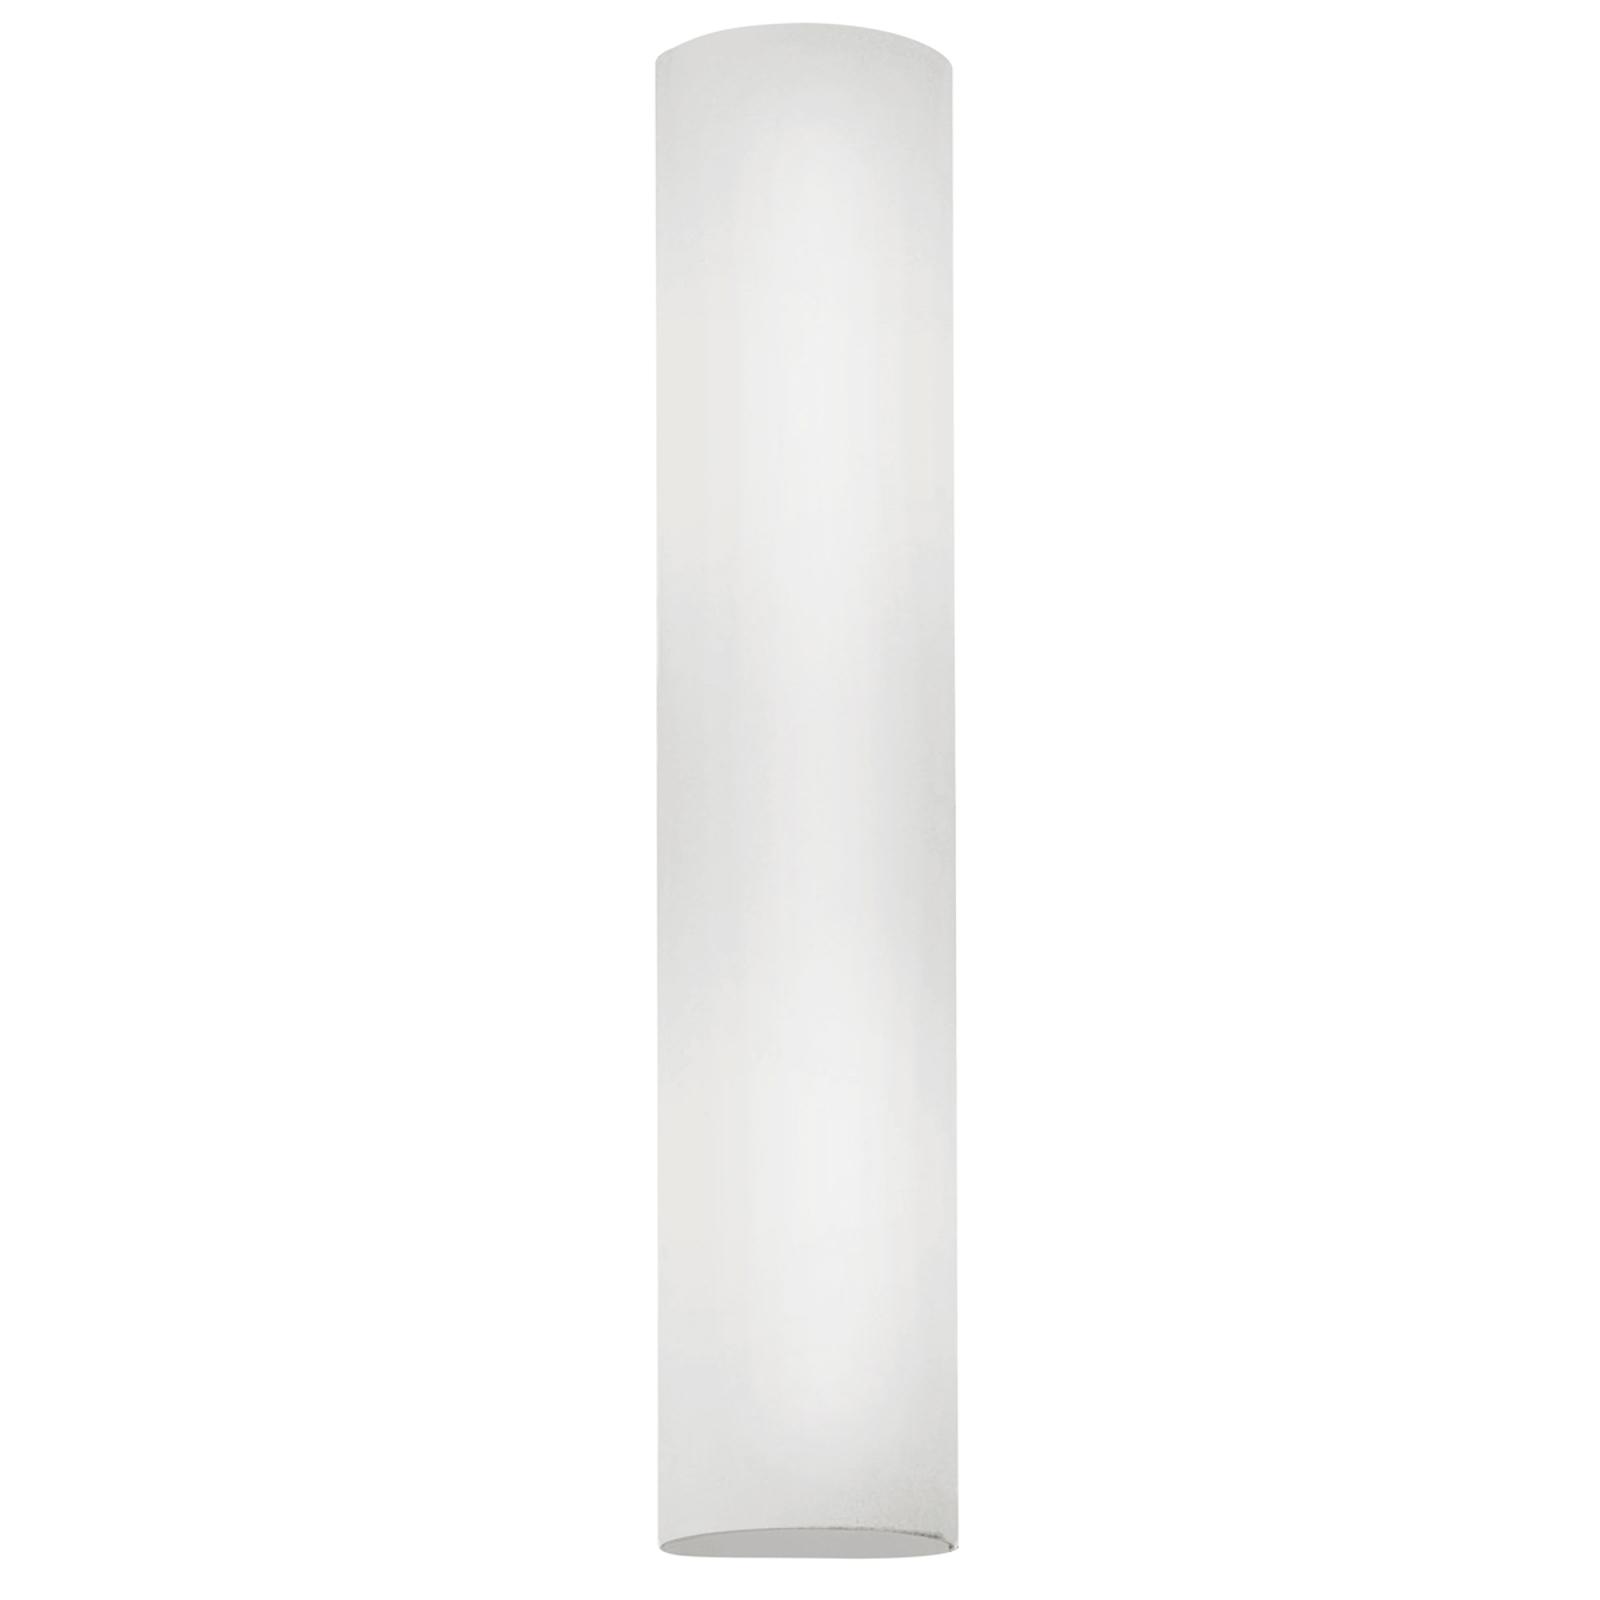 Prosta lampa ścienna Zena wys 39 cm